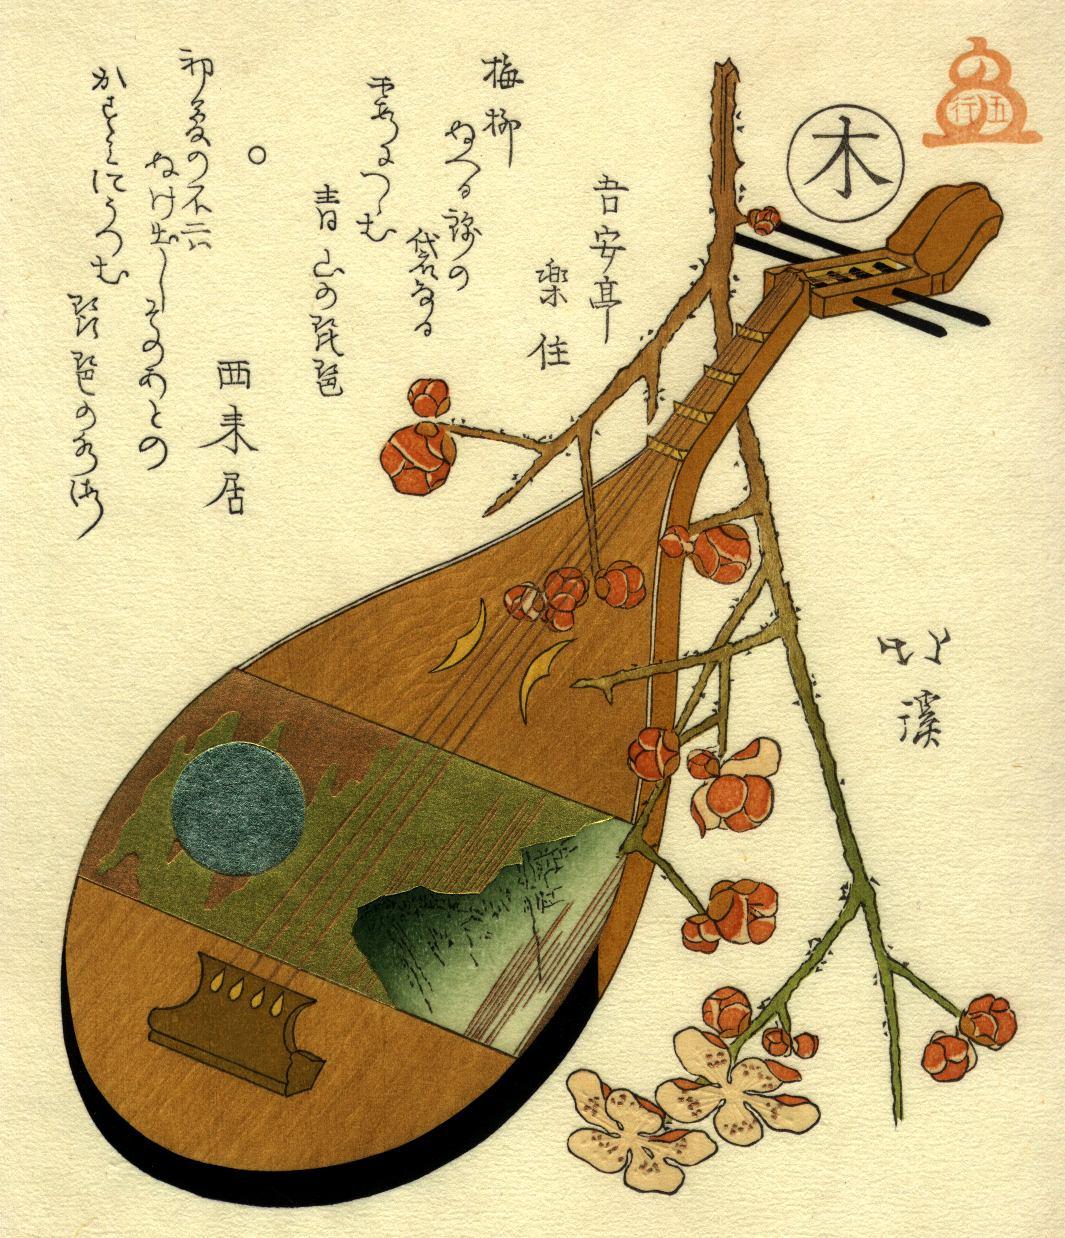 история древней японской музыки поздравлений: смс, прозе